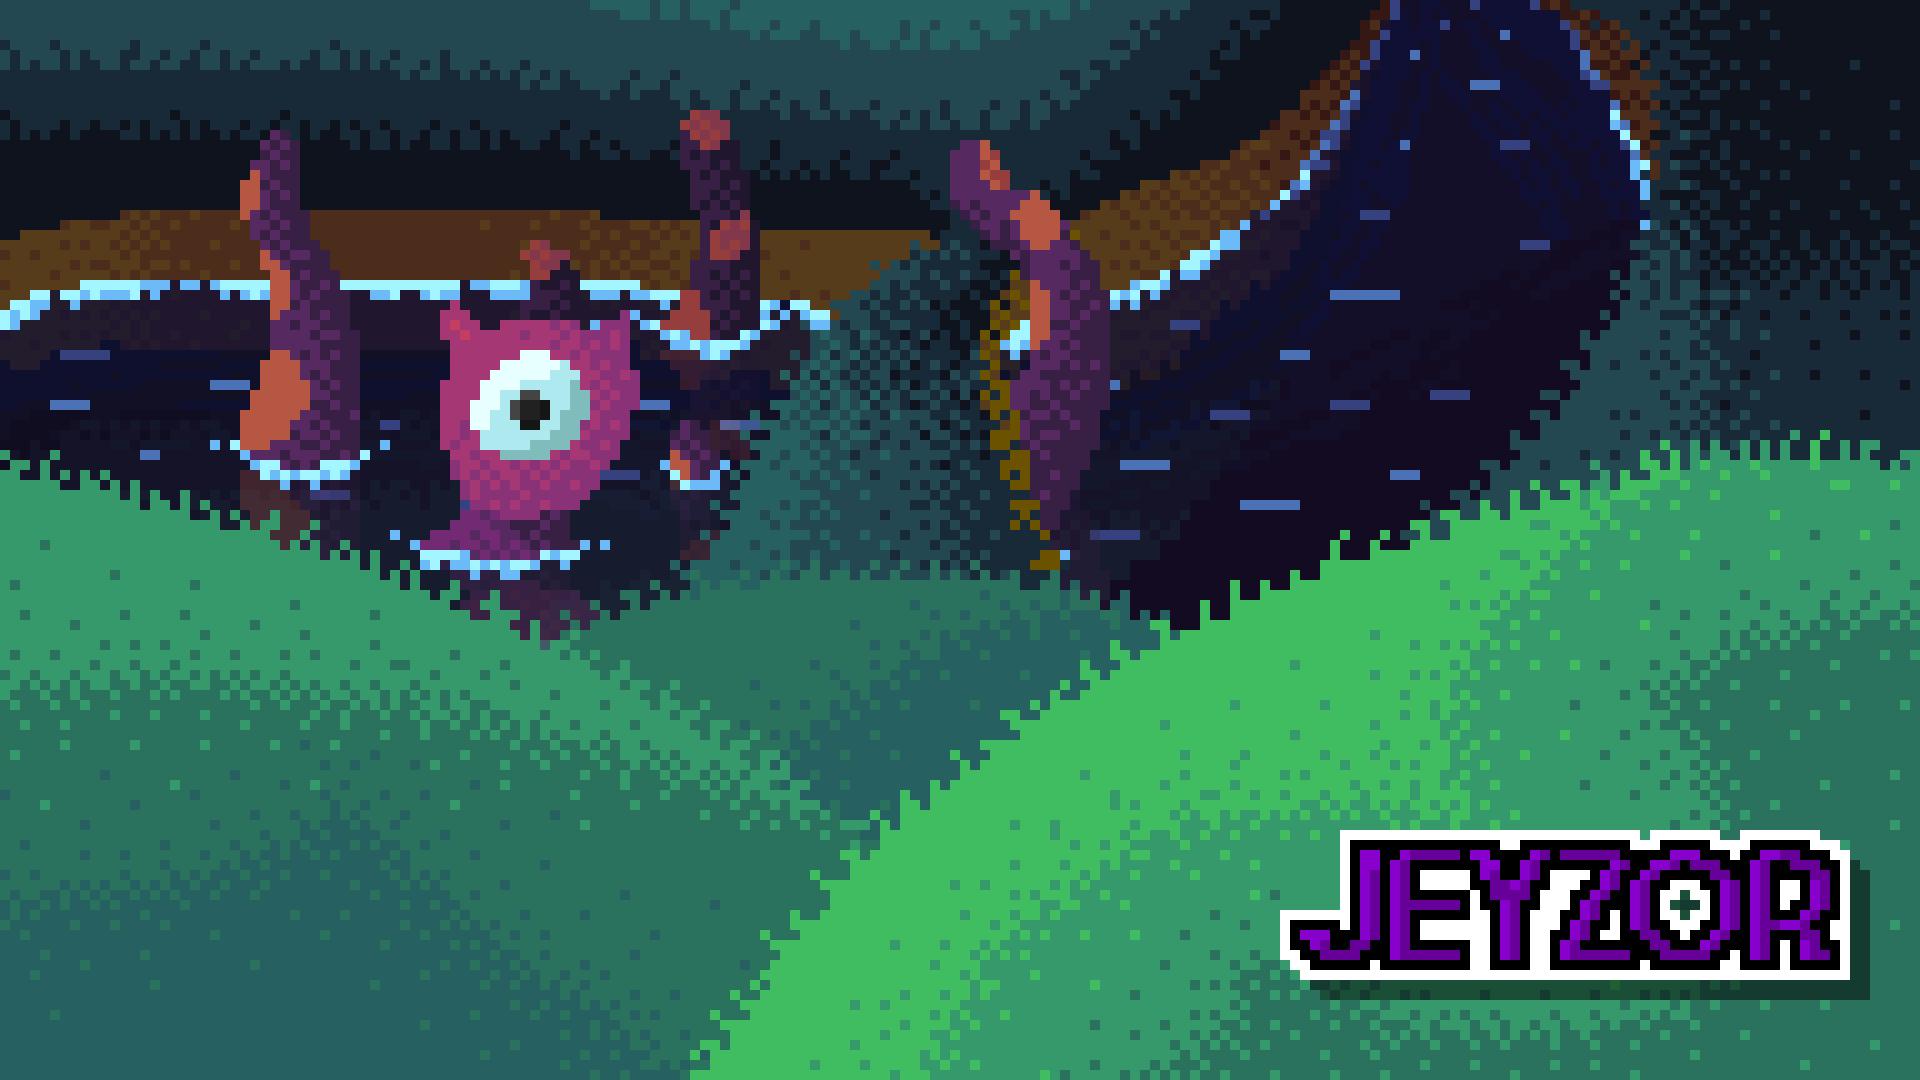 Water Monster pixel art [wallpaper]